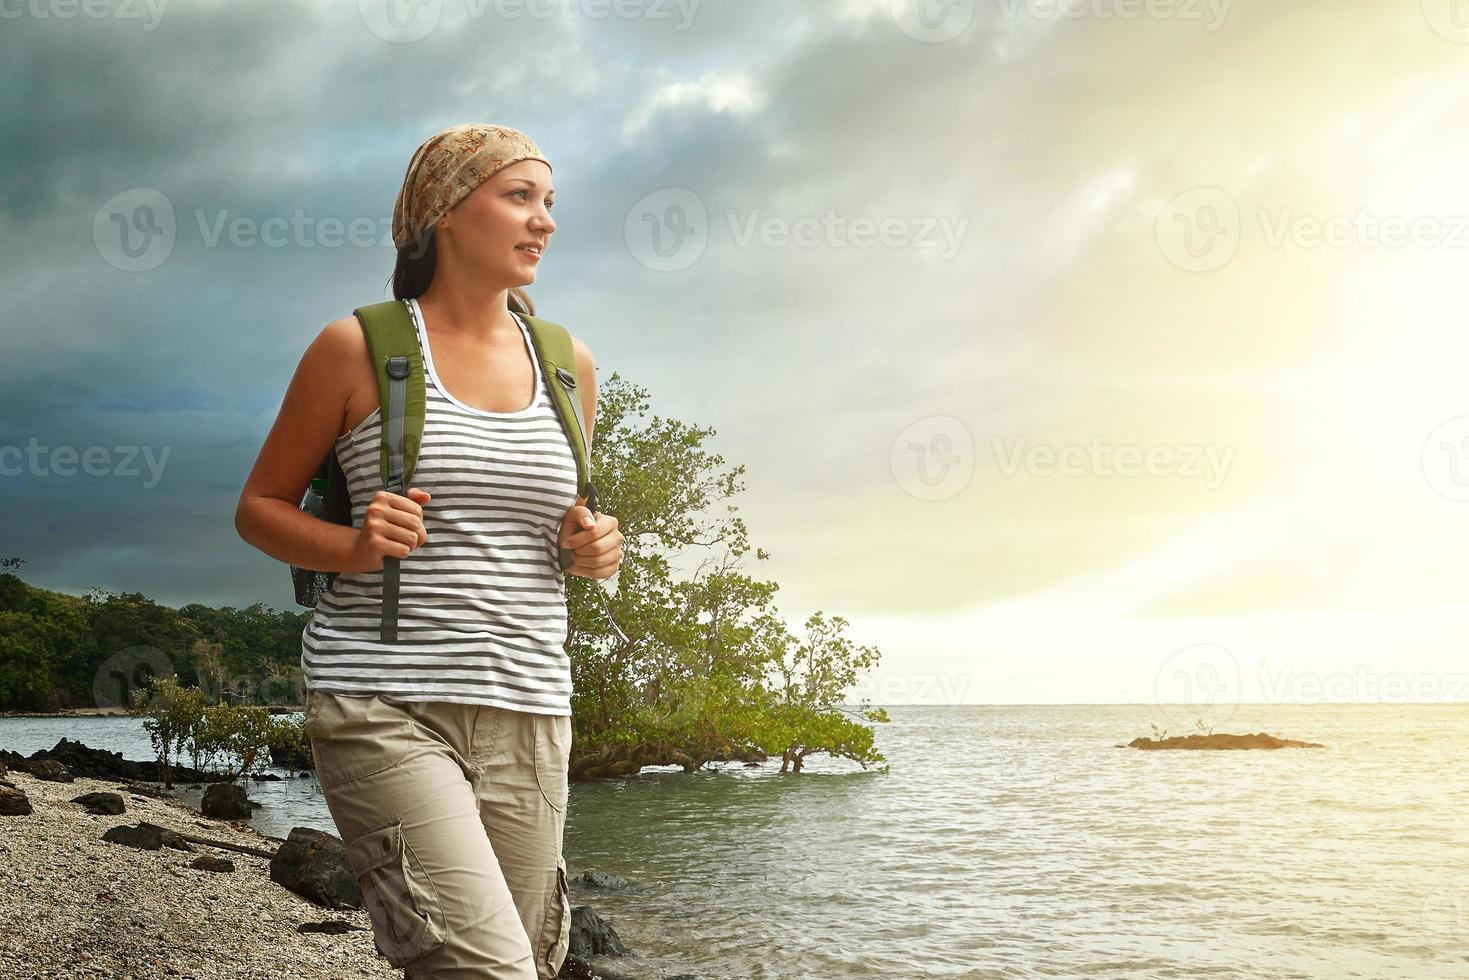 turist tjej njuter av utsikt över vacker solnedgång och hav, travelin foto